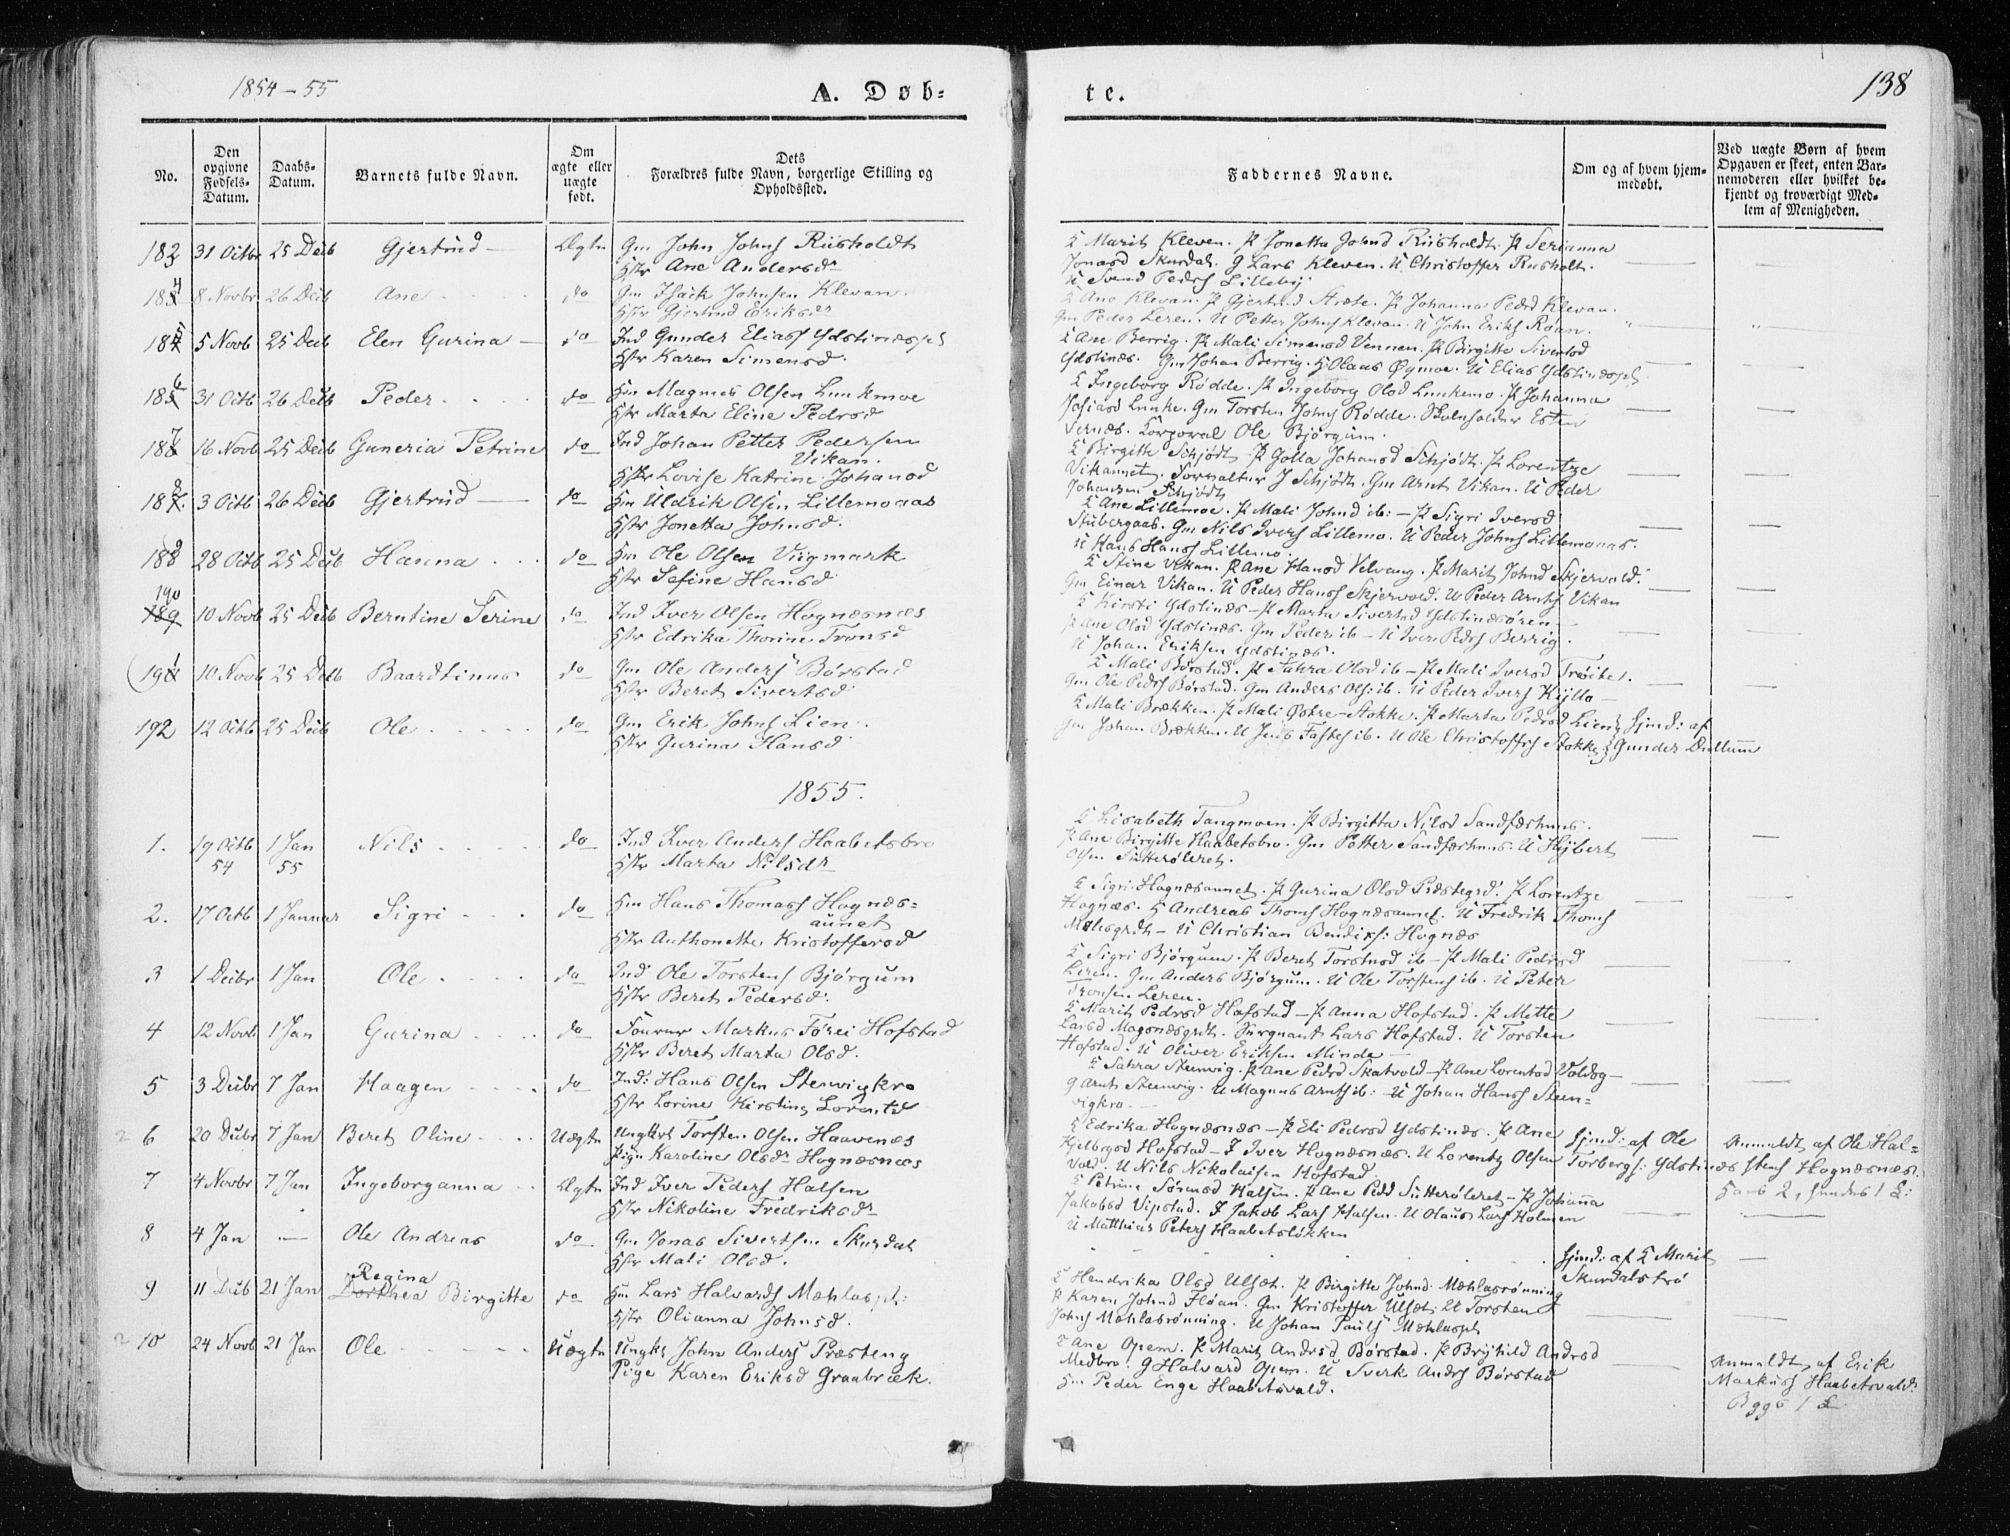 SAT, Ministerialprotokoller, klokkerbøker og fødselsregistre - Nord-Trøndelag, 709/L0074: Ministerialbok nr. 709A14, 1845-1858, s. 138